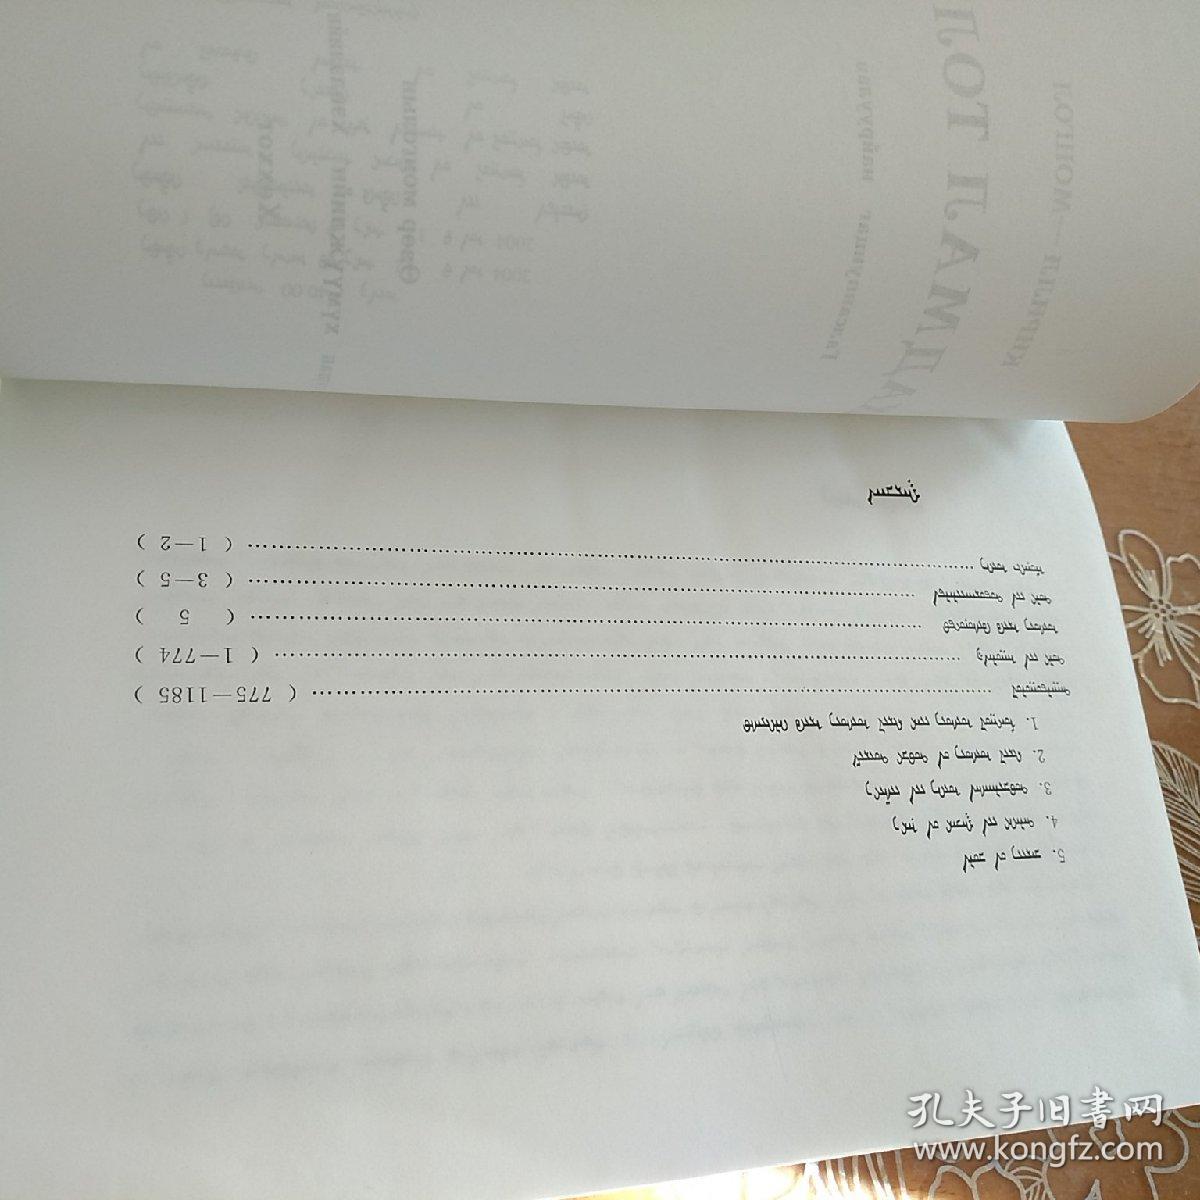 新蒙文教程阅读材料.PDF-全文可读